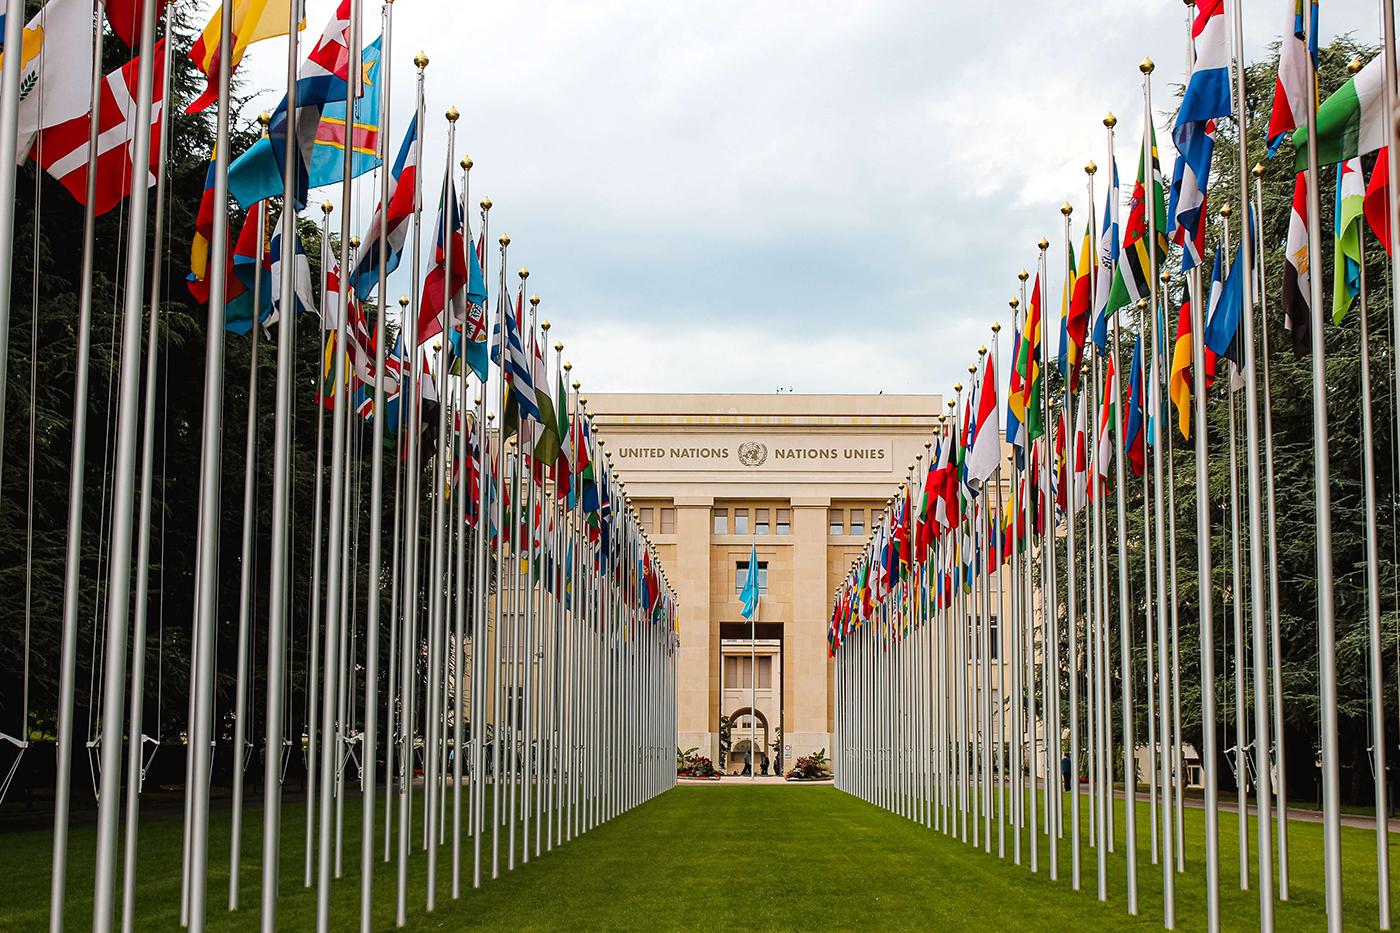 Het gebouw van de Verenigde Naties in Genève, Zwitserland met de vlaggen van alle bijbehorende landen ervoor.